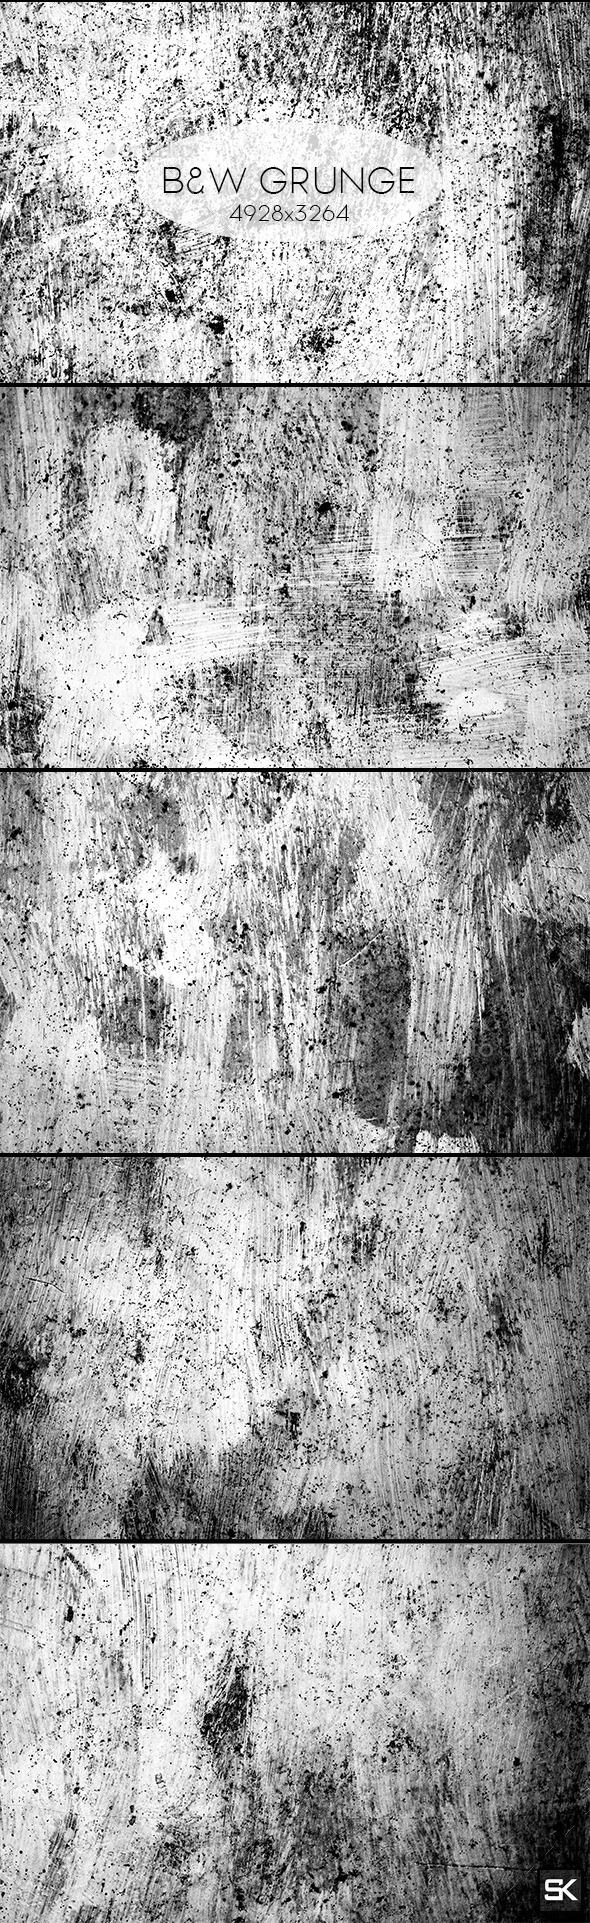 B&W Grunge.3 - Industrial / Grunge Textures